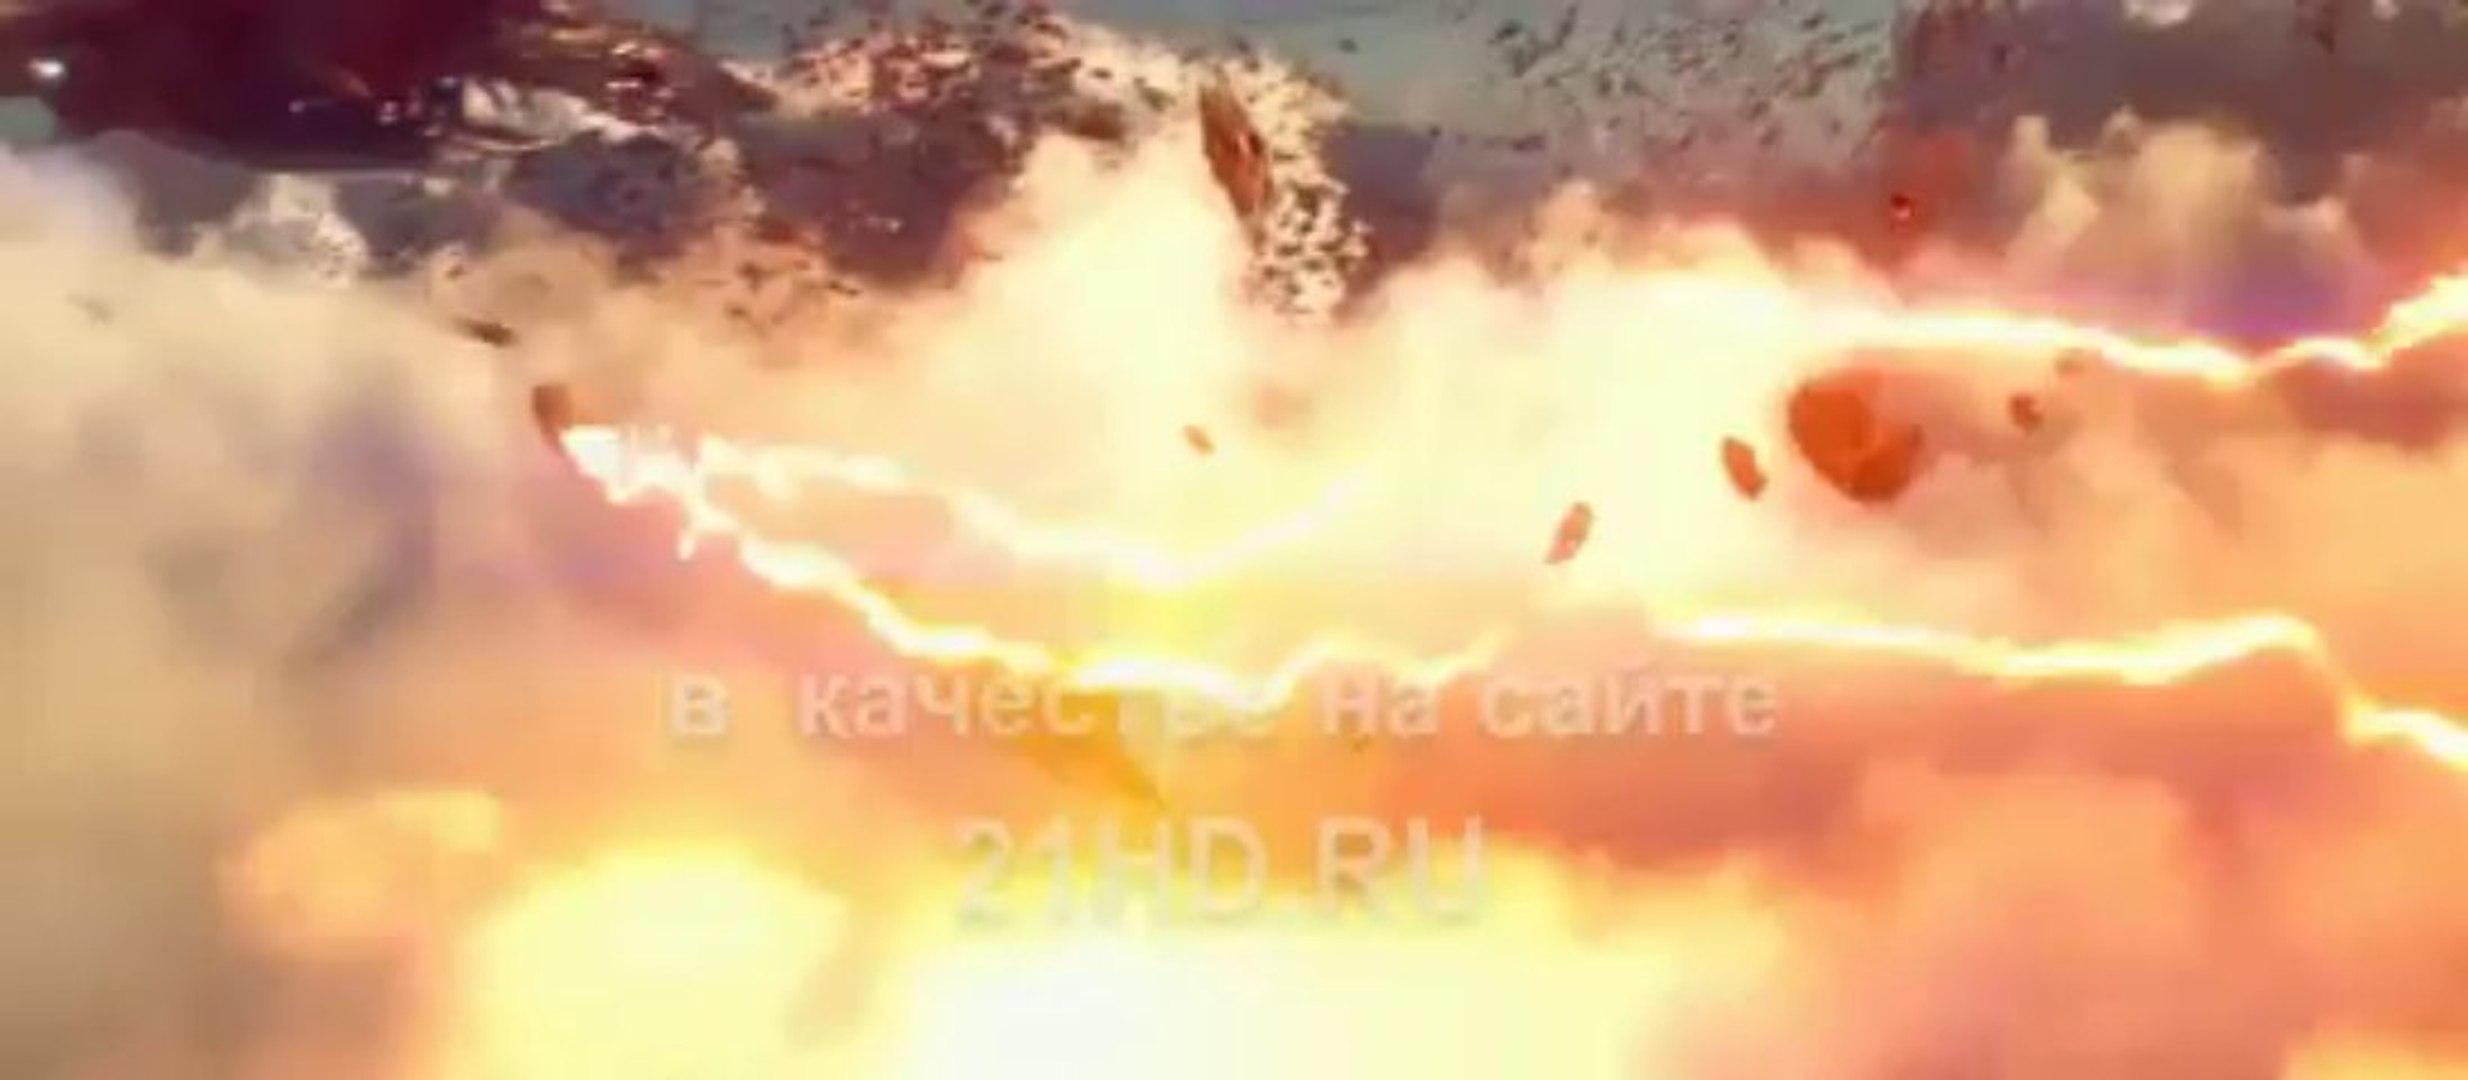 Игра Эндера смотреть  онлайн 2013 (Ender's Game) HD отличный фильм